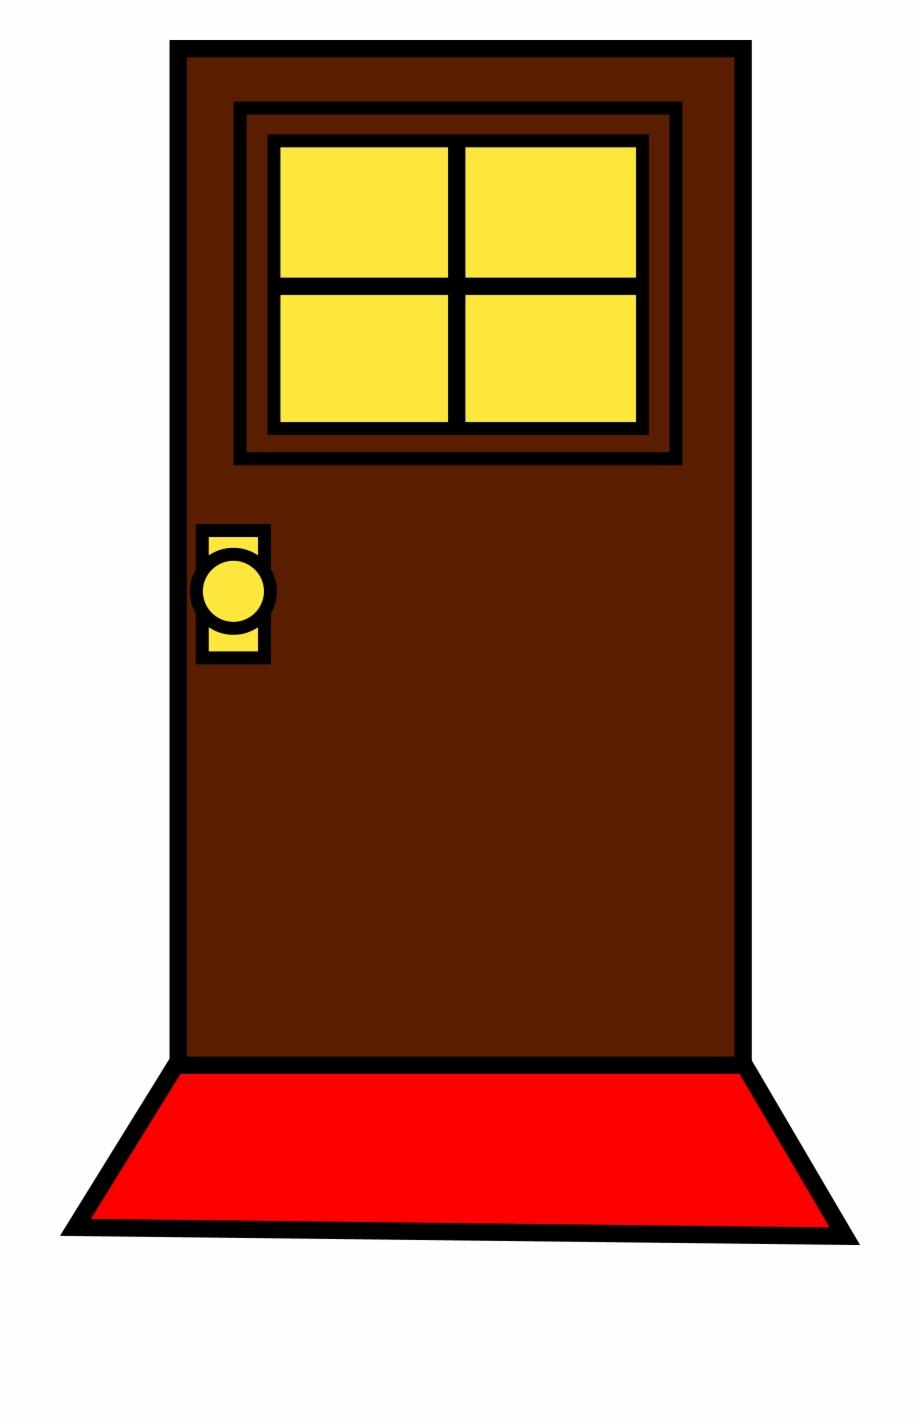 920x1426 Drawing Doors Classroom Door